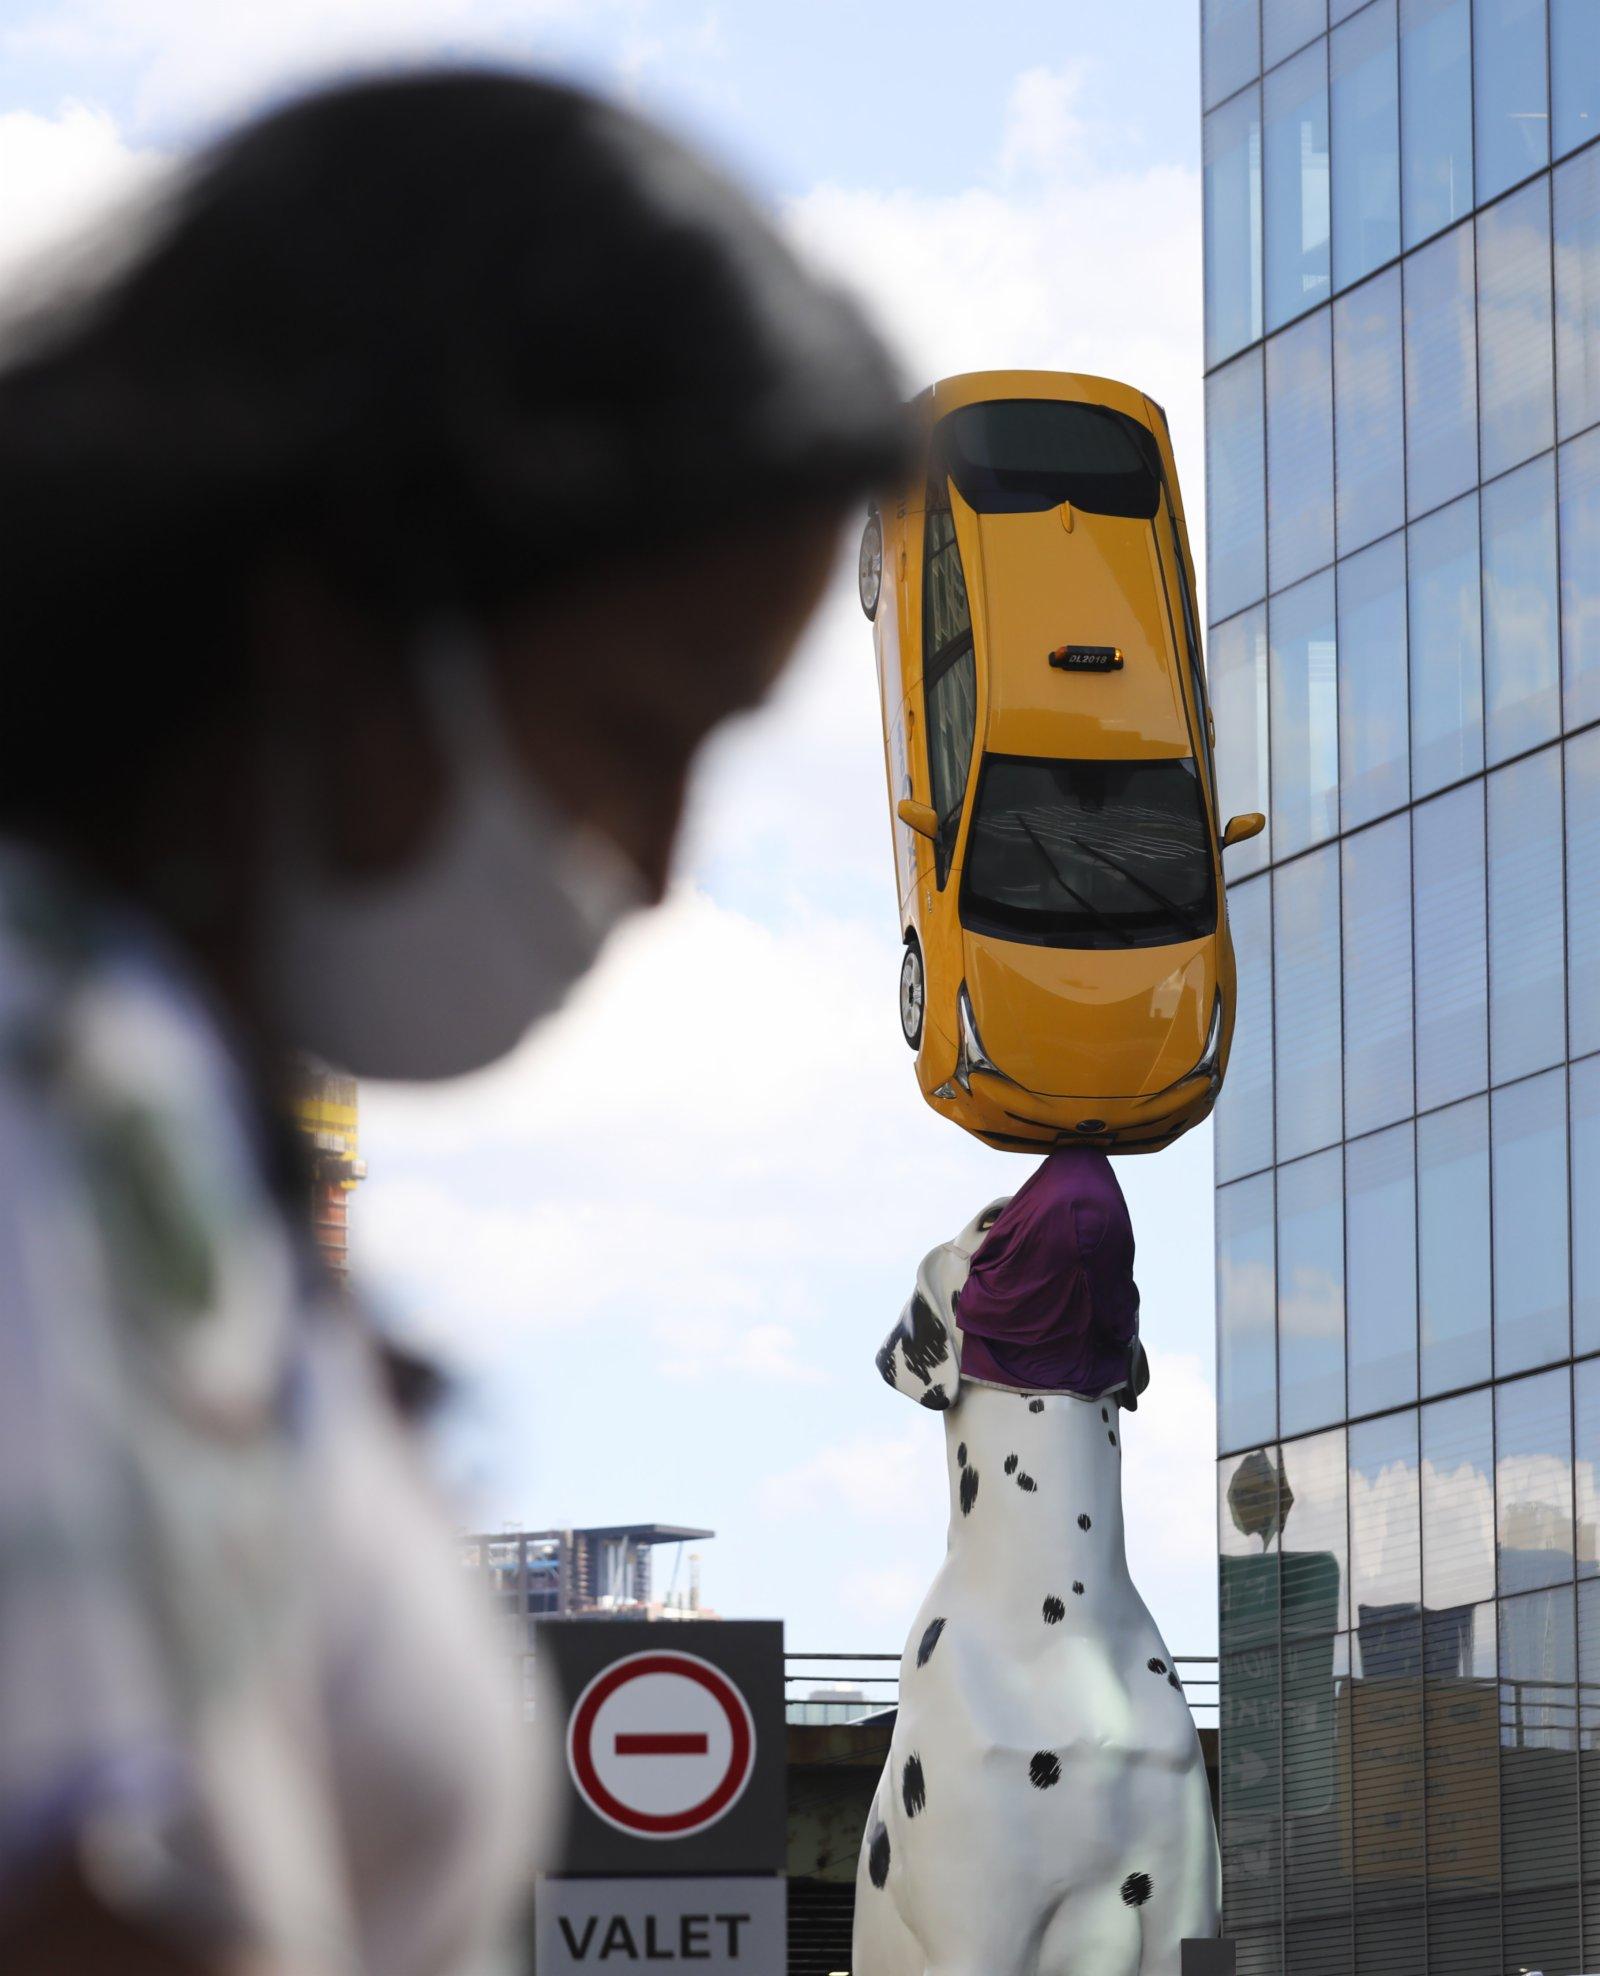 這是9月6日在美國紐約一家醫院前拍攝的被戴上口罩的雕塑。(新華社)